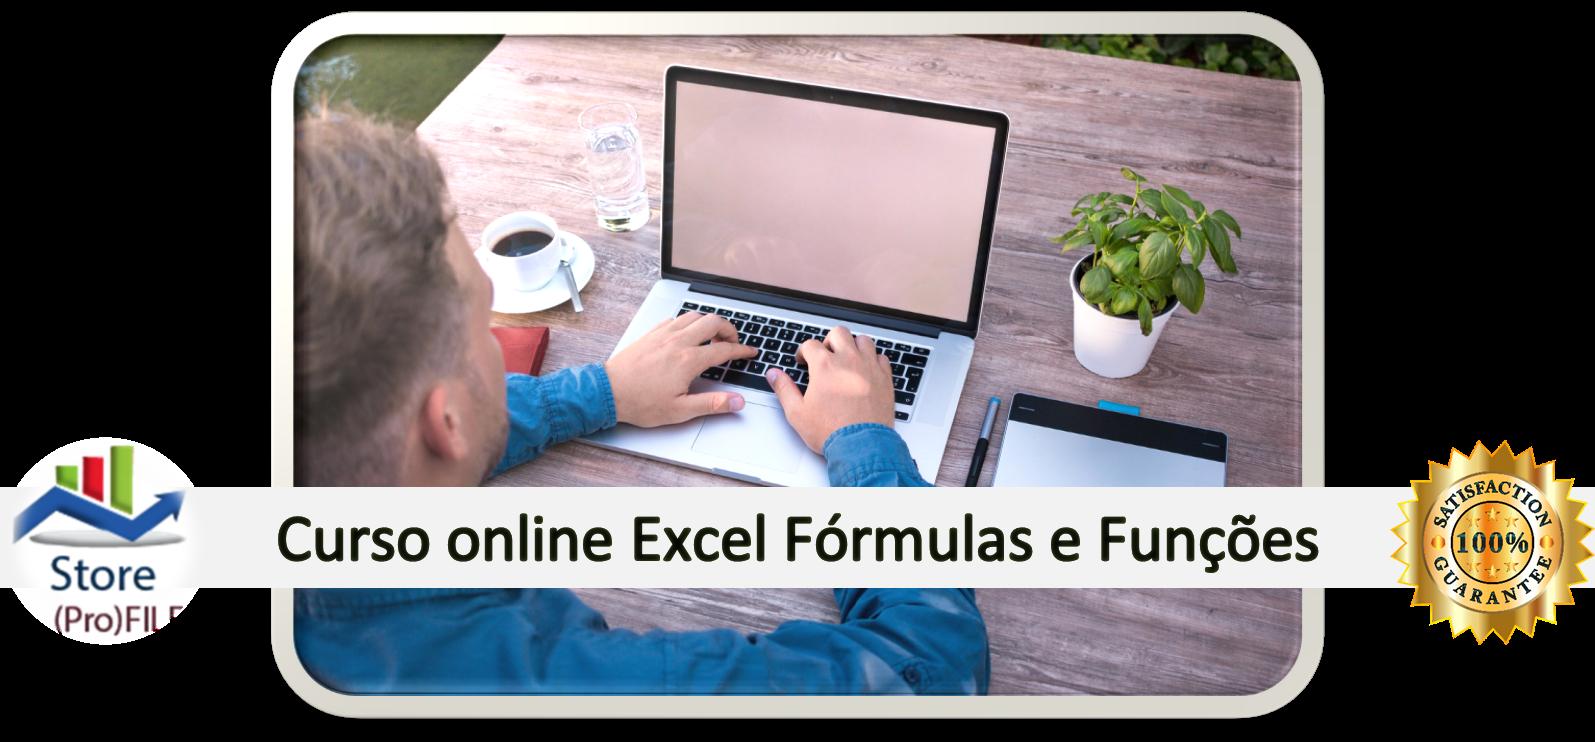 Curso Excel fórmulas e funções